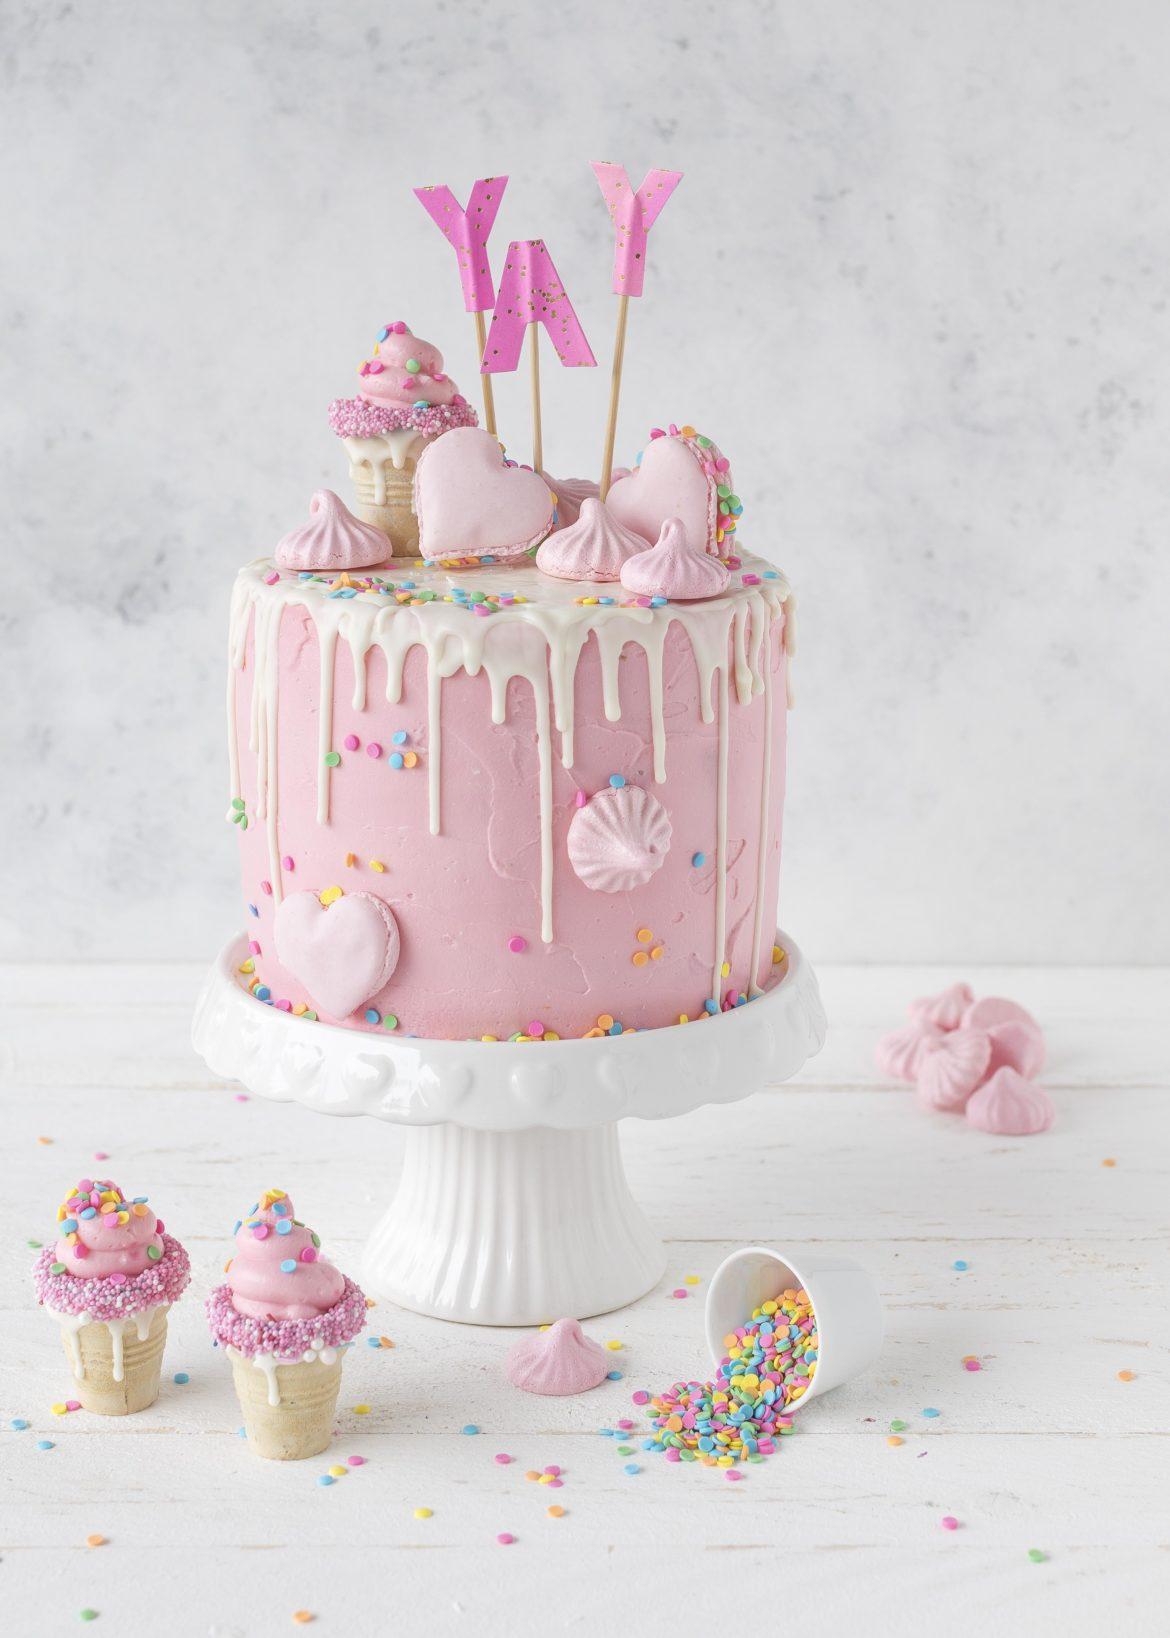 Diy Fondanttorte I Motivtorte I Hello Kitty I 1 Geburtstag I 2